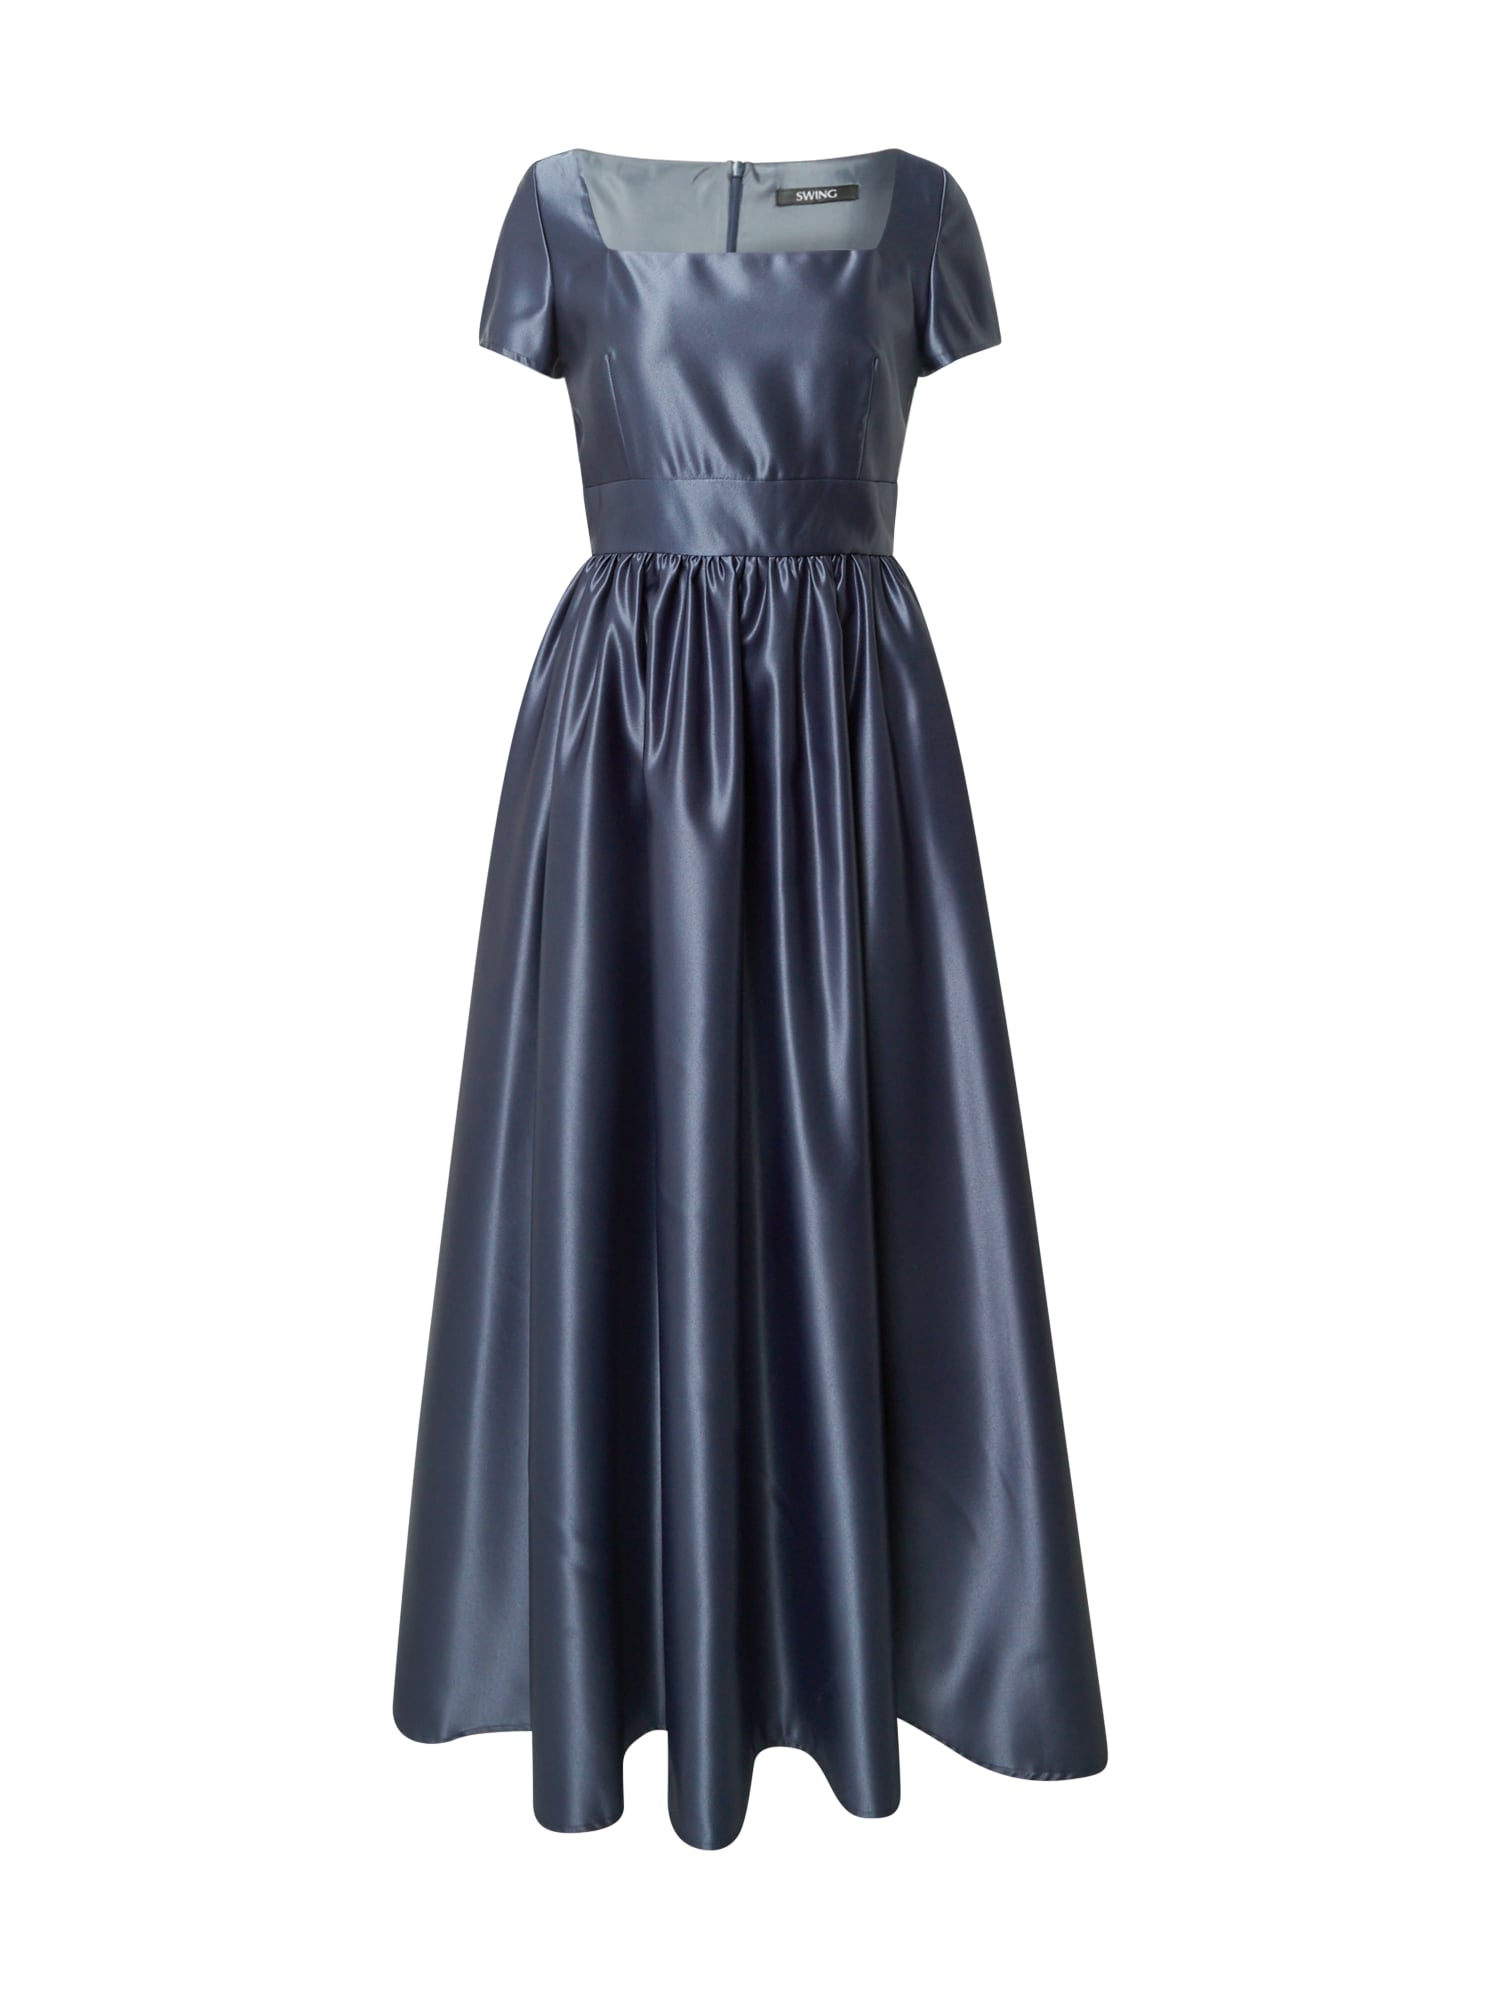 SWING Vakarinė suknelė mėlyna